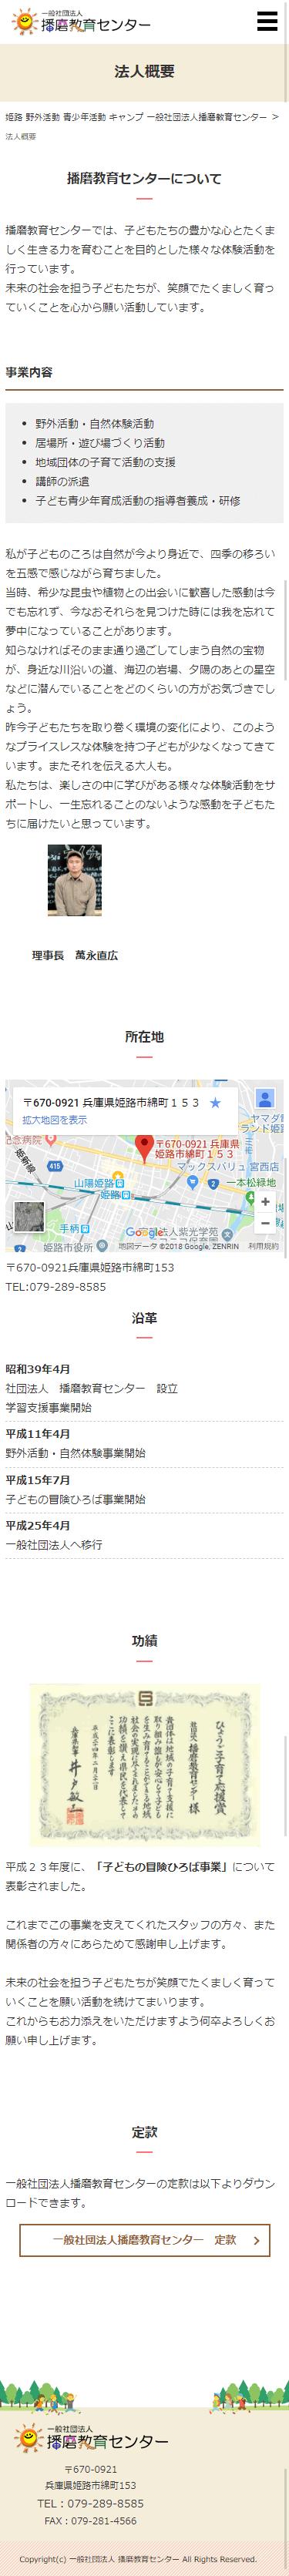 姫路市 一般社団法人播磨教育センター様 ホームページ制作4